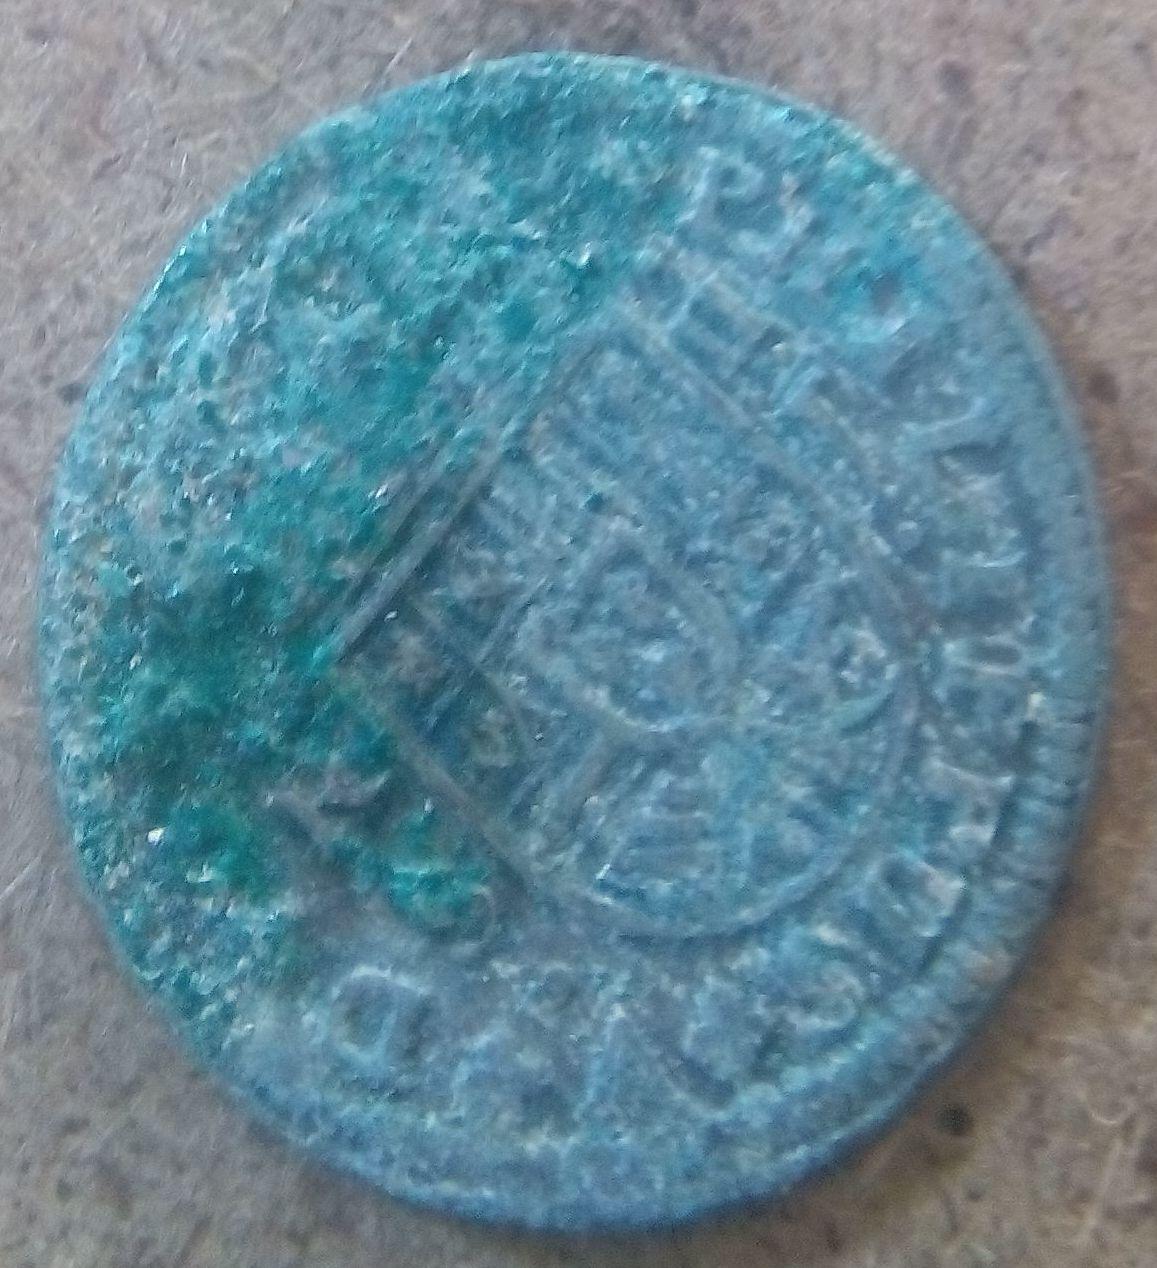 Ayuda a limpiar esta moneda de plata. W2hi4m